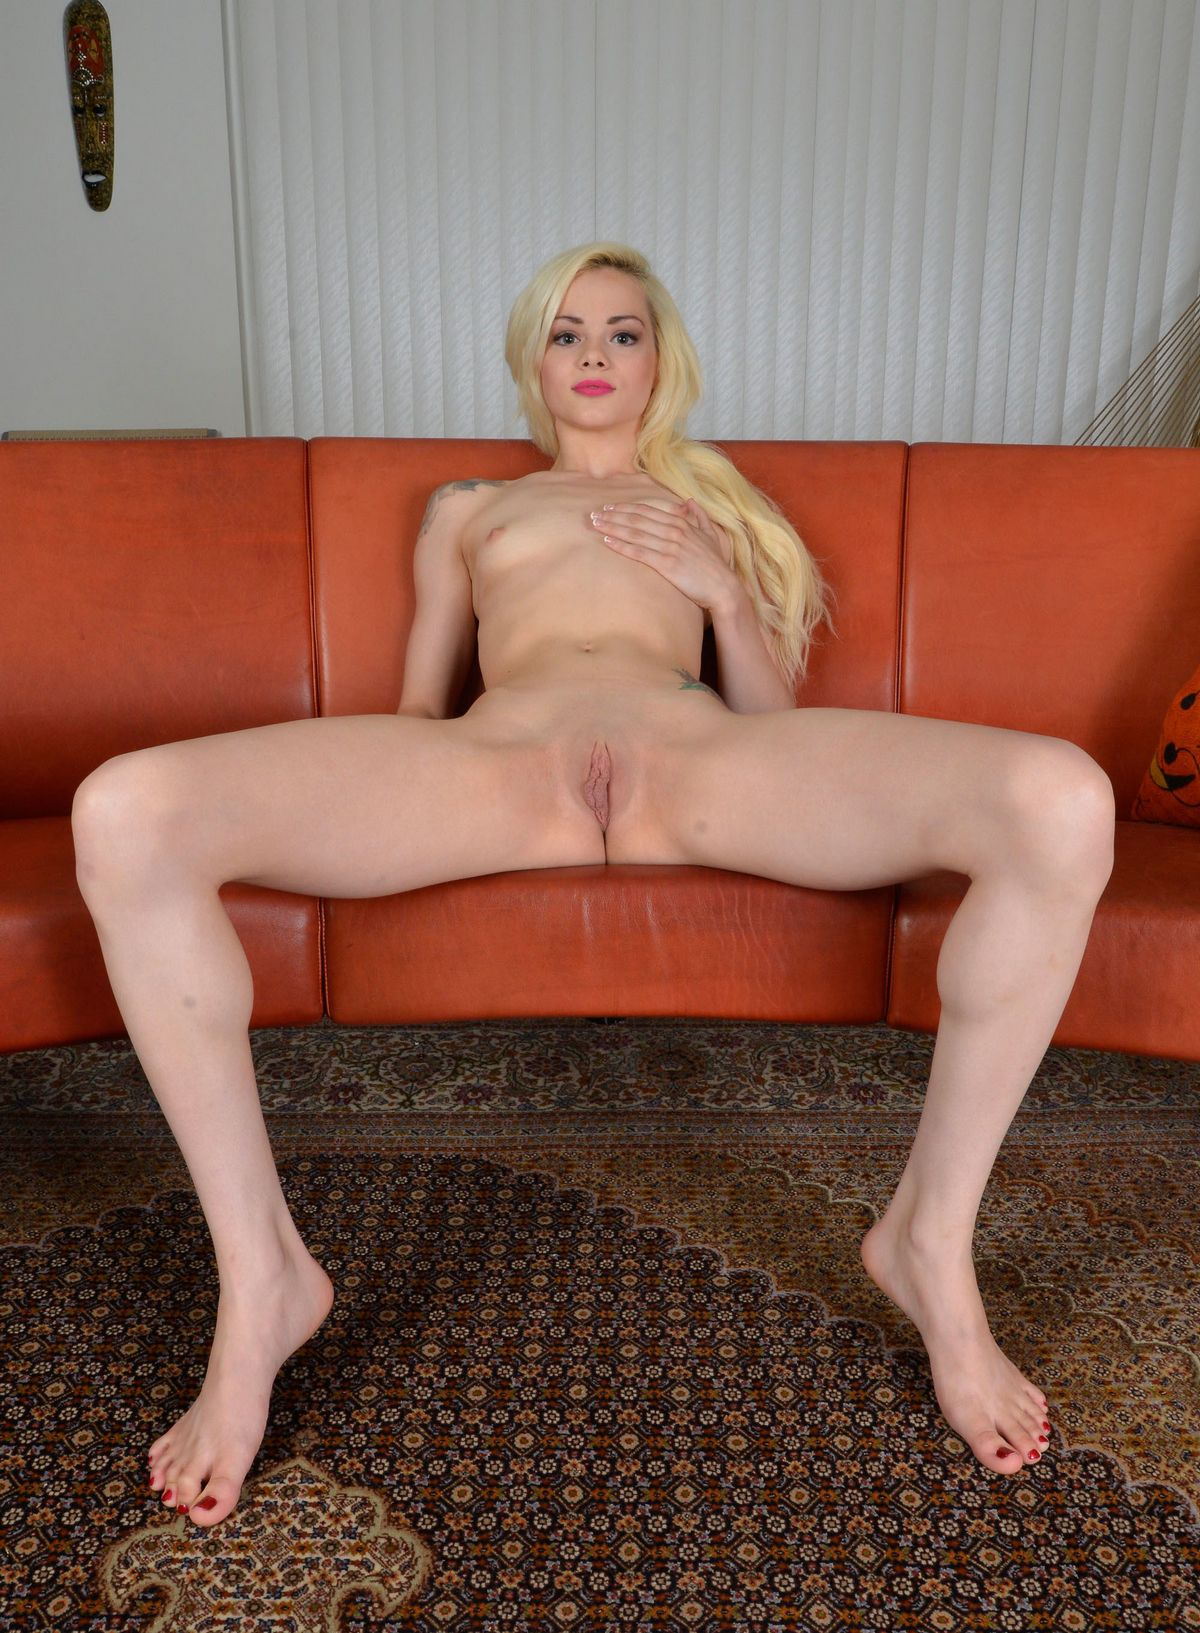 Эльза Джин берет в рот свои пальцы ножек. Порно эльза.